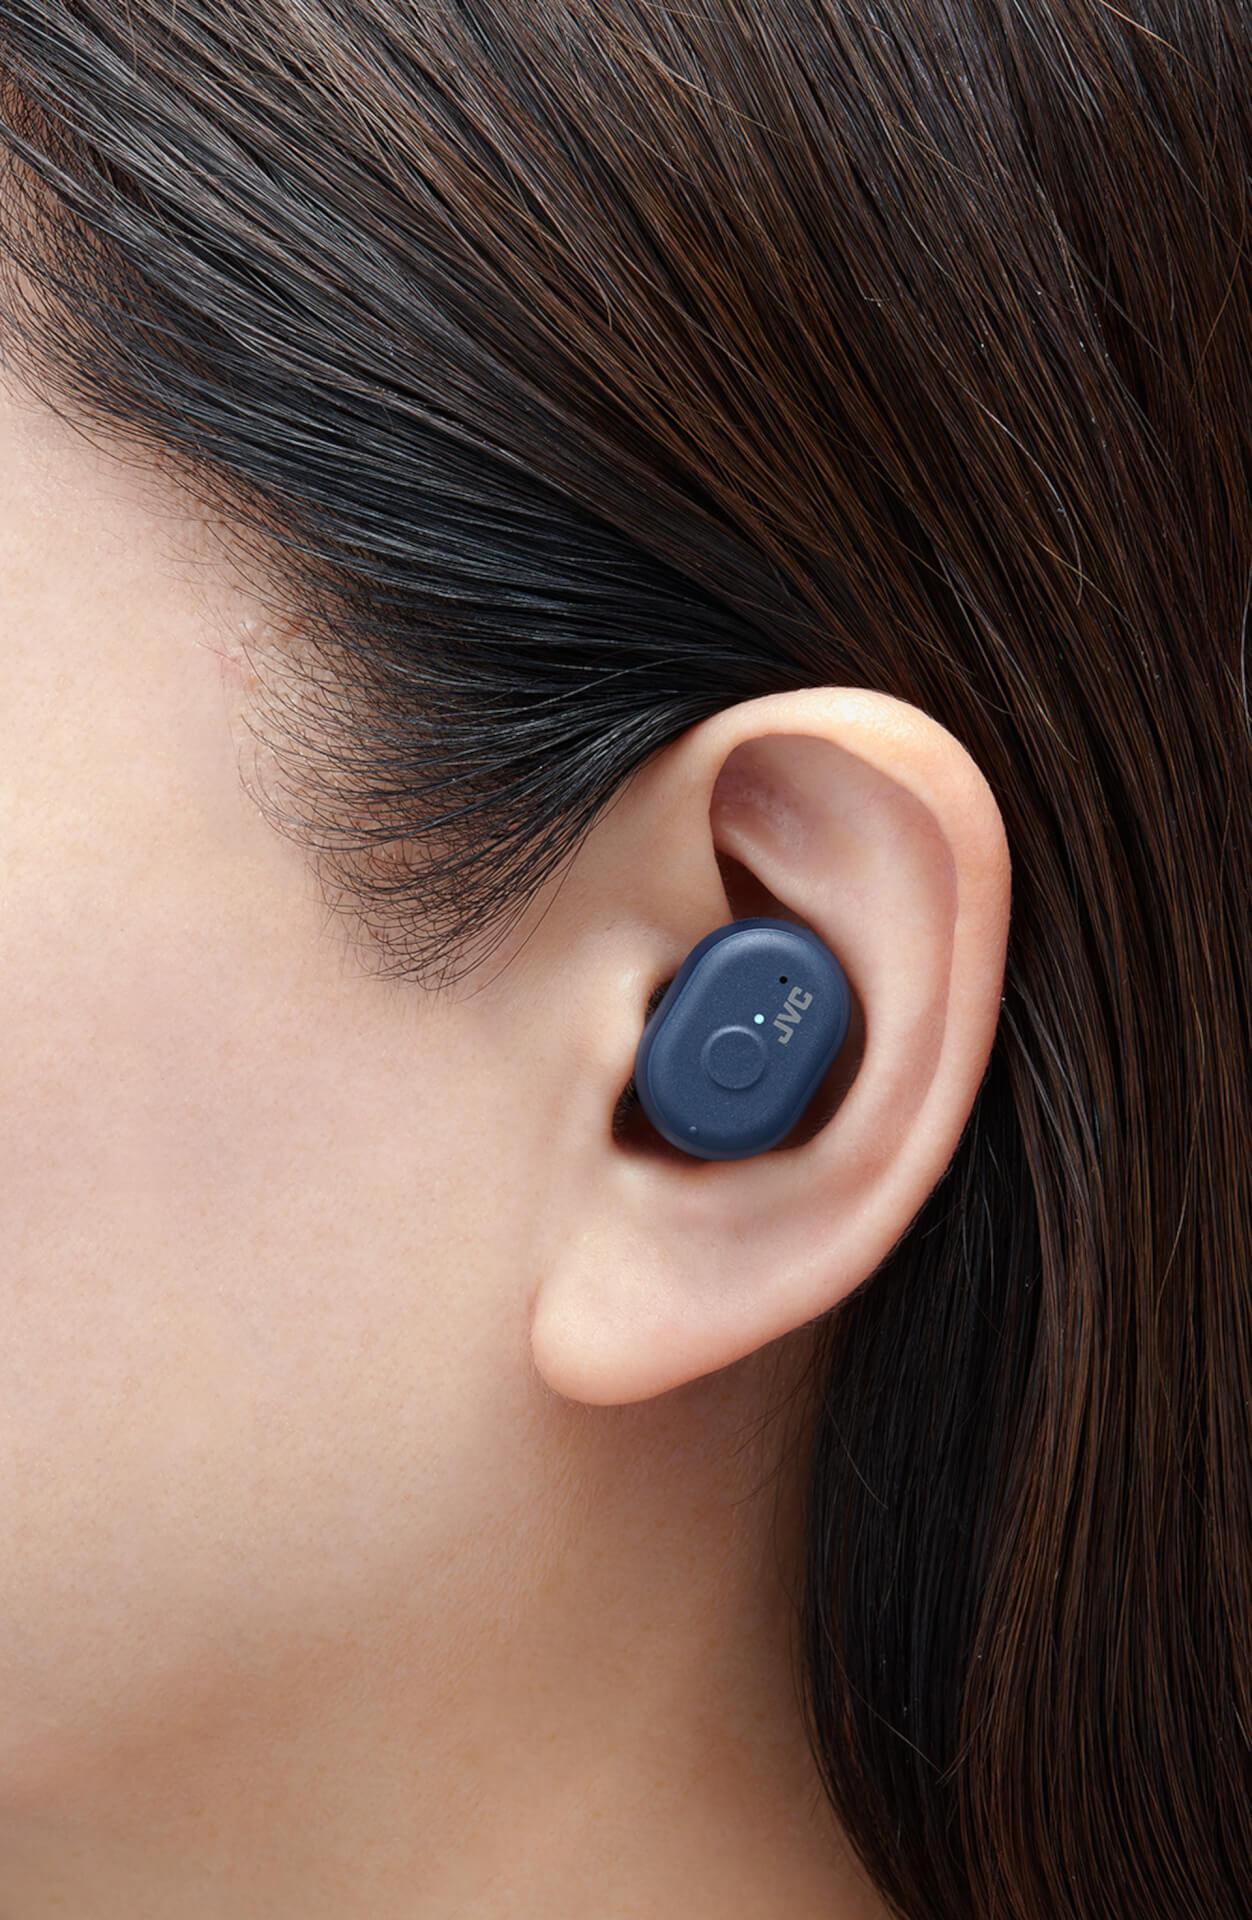 JVCからハイコストパフォーマンスを実現するワイヤレスイヤホン「HA-A10T」が登場! tech191024_jvc_earphone_5